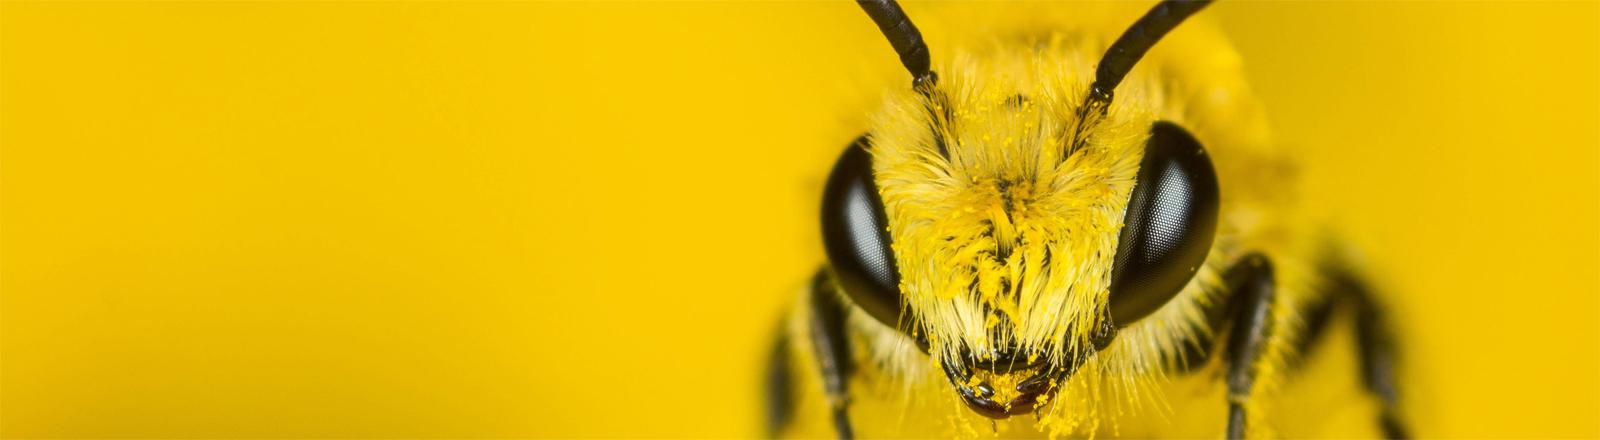 Seidenbienenmännchen bei der Nahrungsaufnahme auf Rainfarn